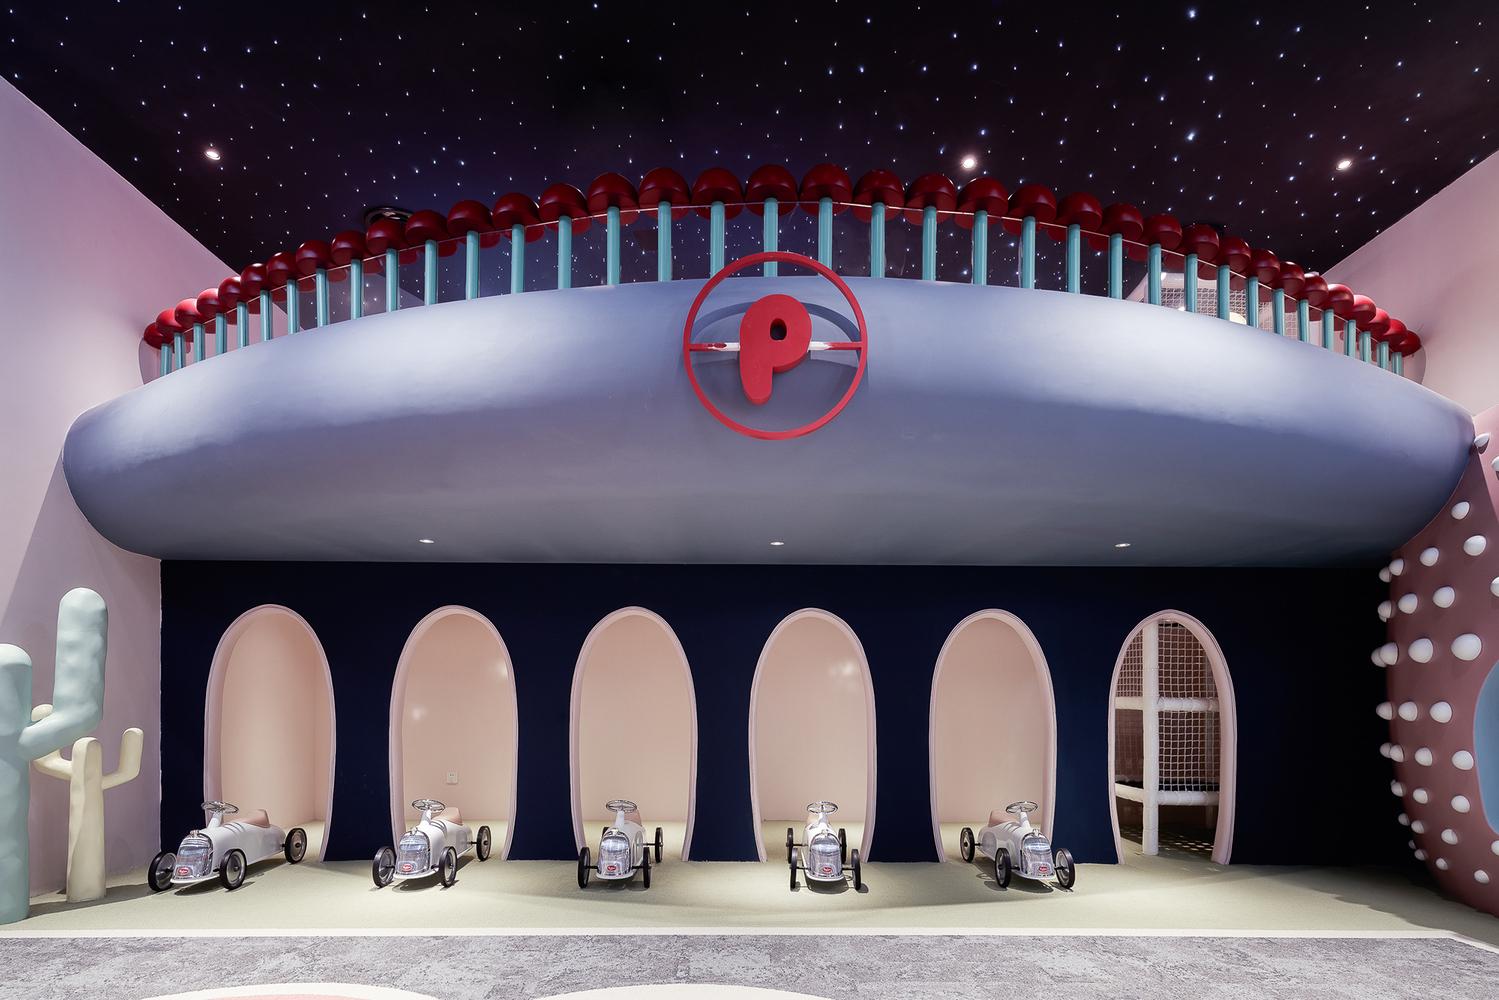 杭州星光奈尔宝家庭中心设计,隐藏在亲子互动间的跳色美学